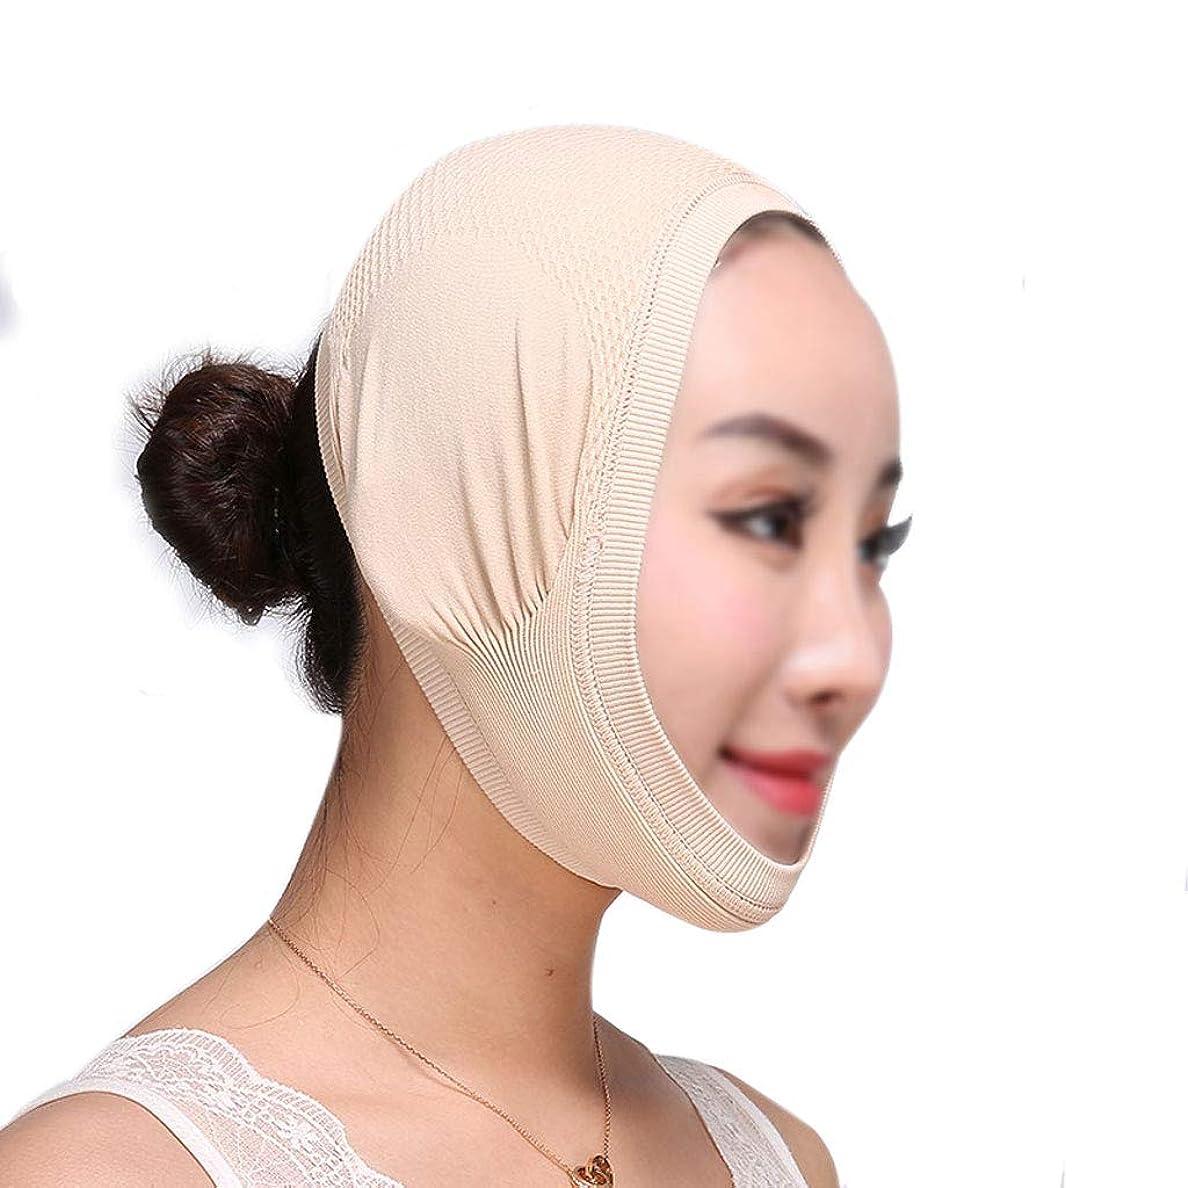 避難リンケージバックアップXHLMRMJ 整形外科病院ライン彫刻術後回復ヘッドギア医療マスク睡眠vフェイスリフティング包帯薄いフェイスマスク (Size : Skin tone(B))